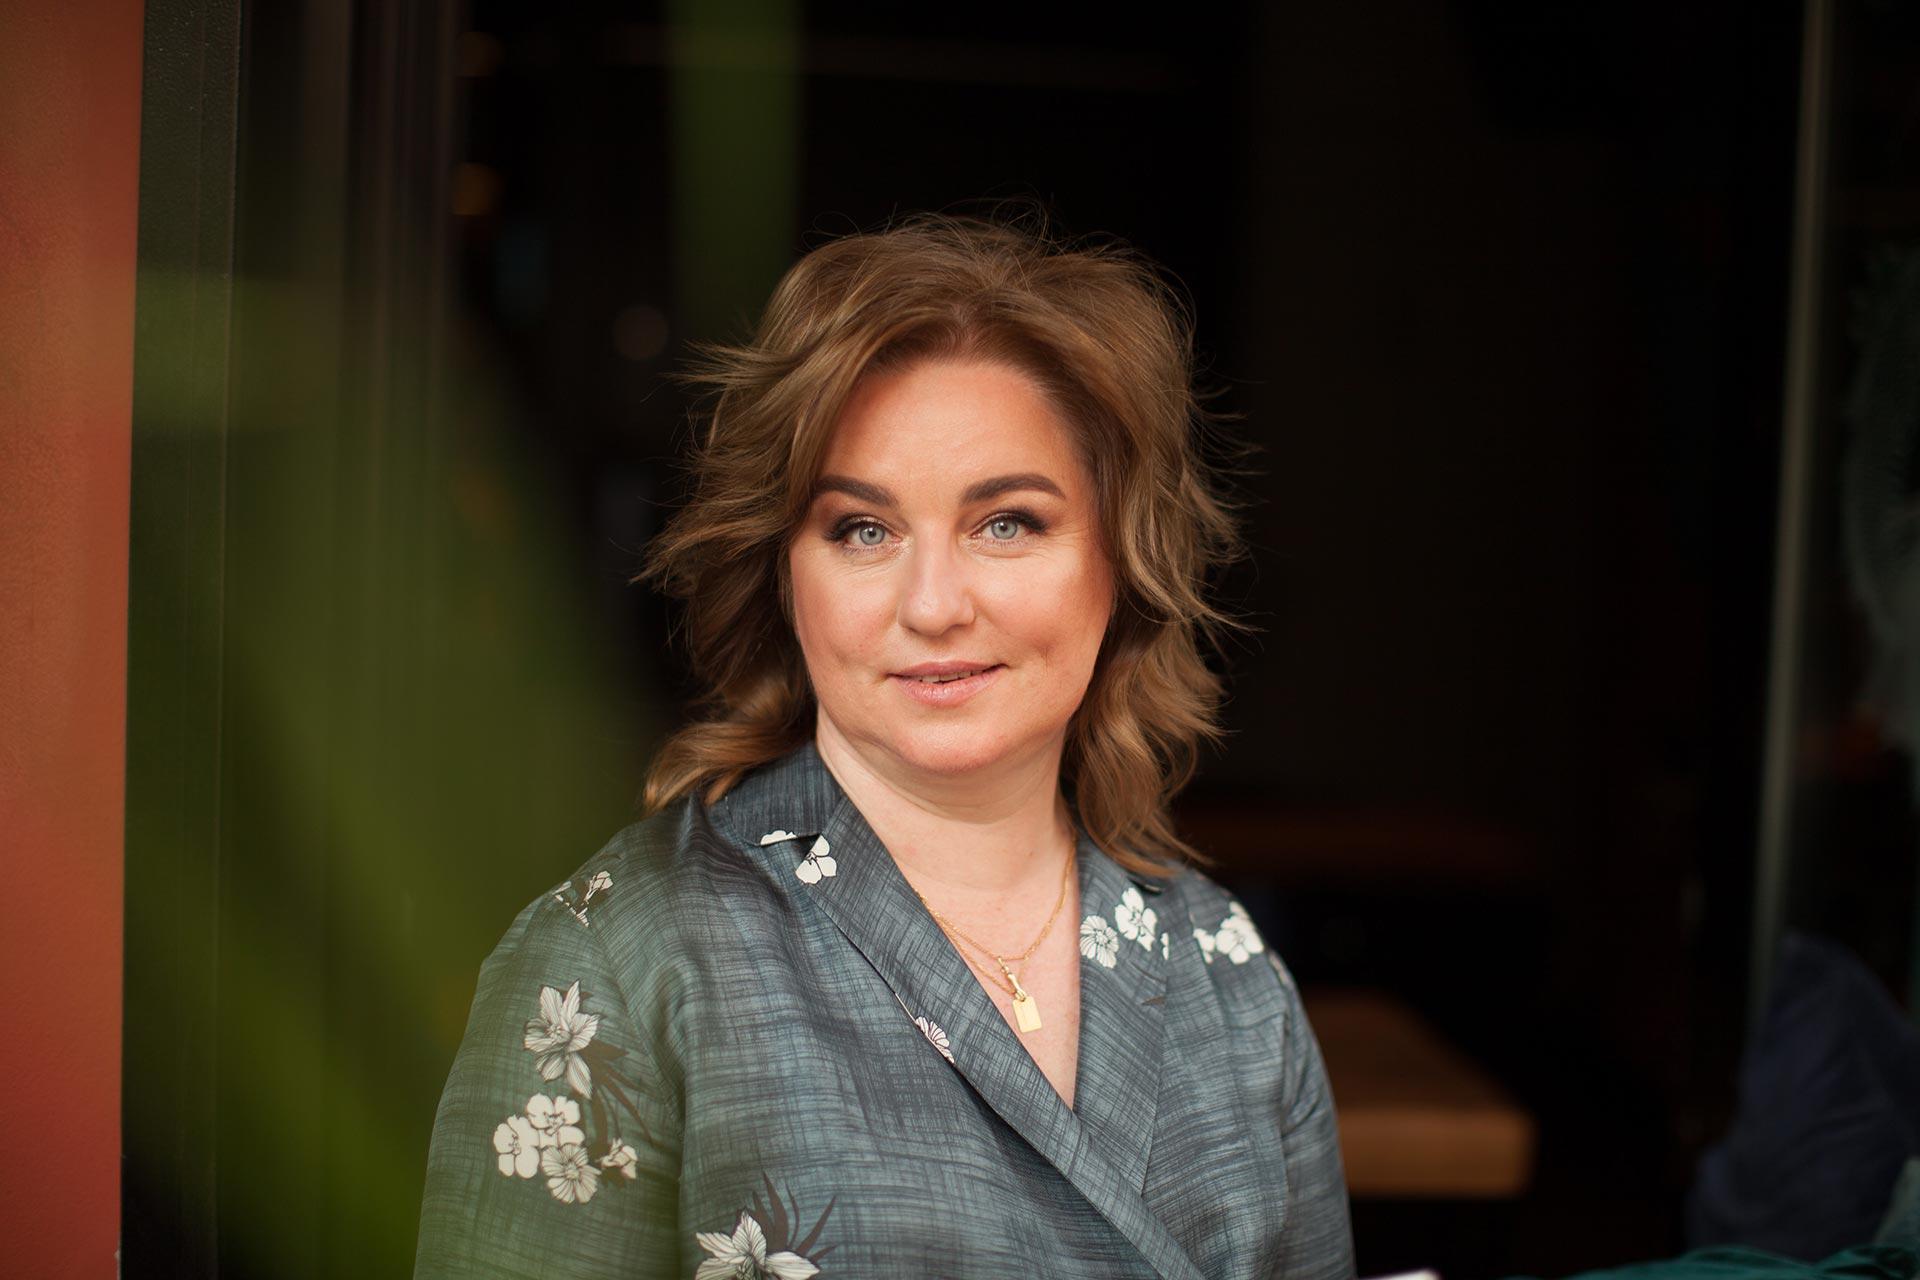 Ольга Тюрина. Бизнес-тренер, мастер-тренер НЛП, член Международной ассоциации генеративных коучей